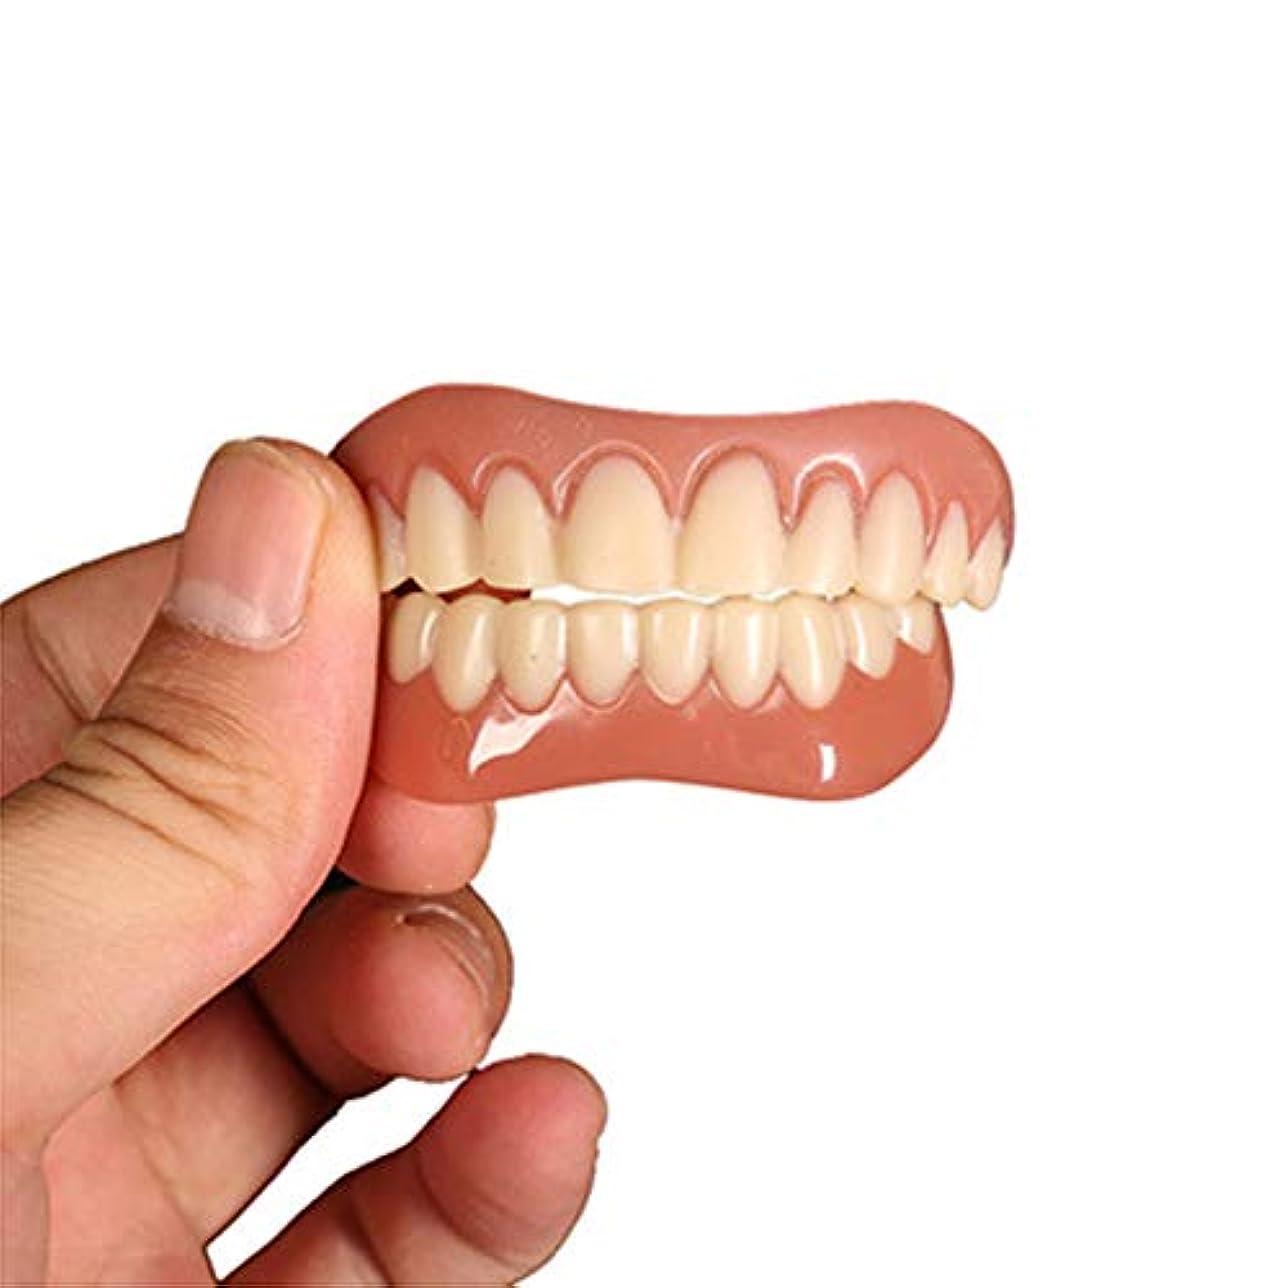 鼓舞する合わせて鉄道駅6セット、化粧品の歯、白い歯をきれいにするための快適さにフィットするフレックス歯のソケット、化粧品の歯義歯の歯のトップ化粧品、